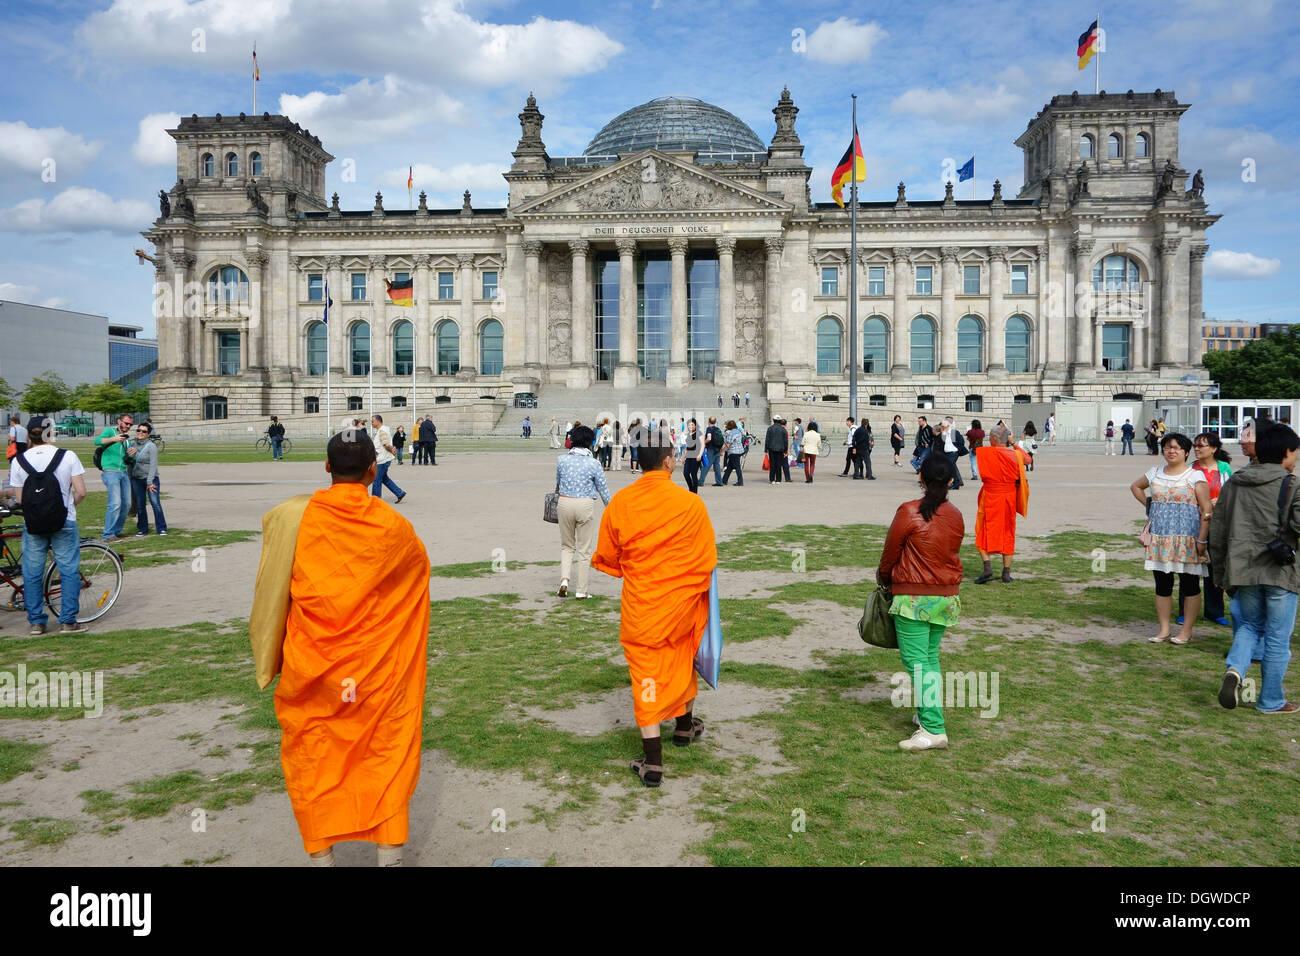 Berlin. Deutschland. Touristen vor dem Reichstagsgebäude. Stockbild